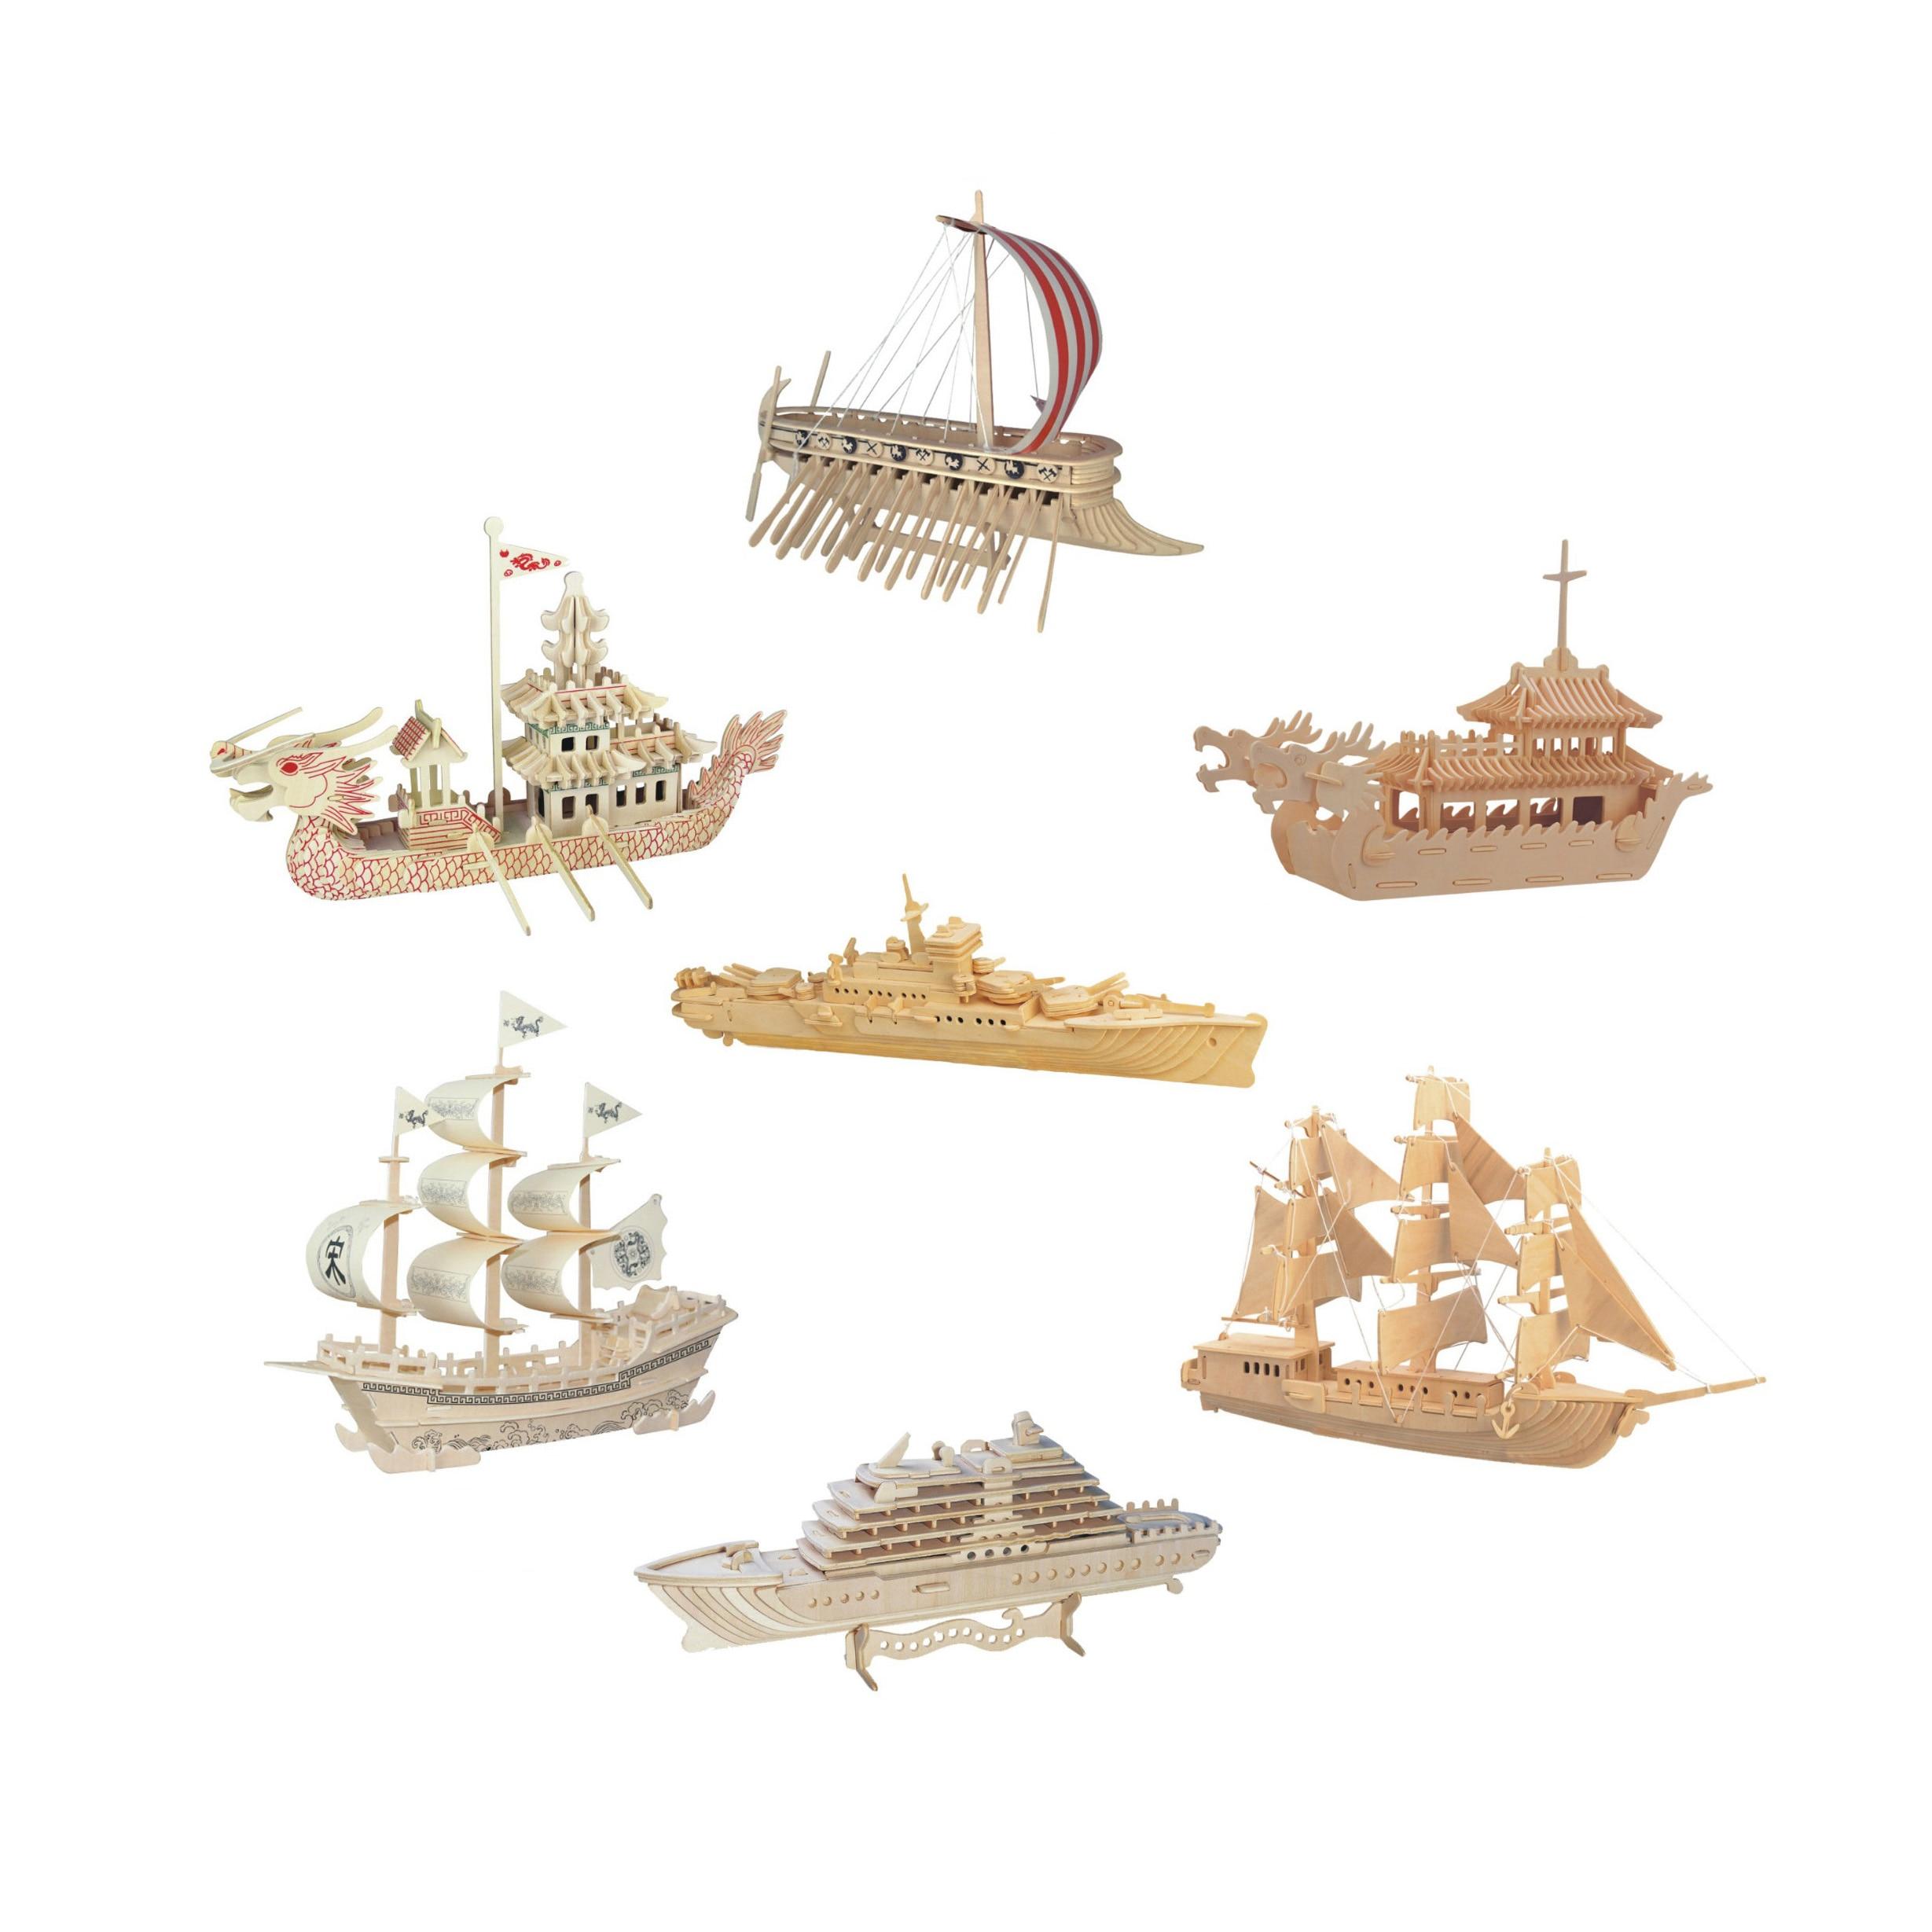 Chanycore bébé apprentissage jouets éducatifs en bois Puzzle 3D Phenicia navires de guerre bateau-Dragon bateau de croisière voilier enfants cadeaux 4298